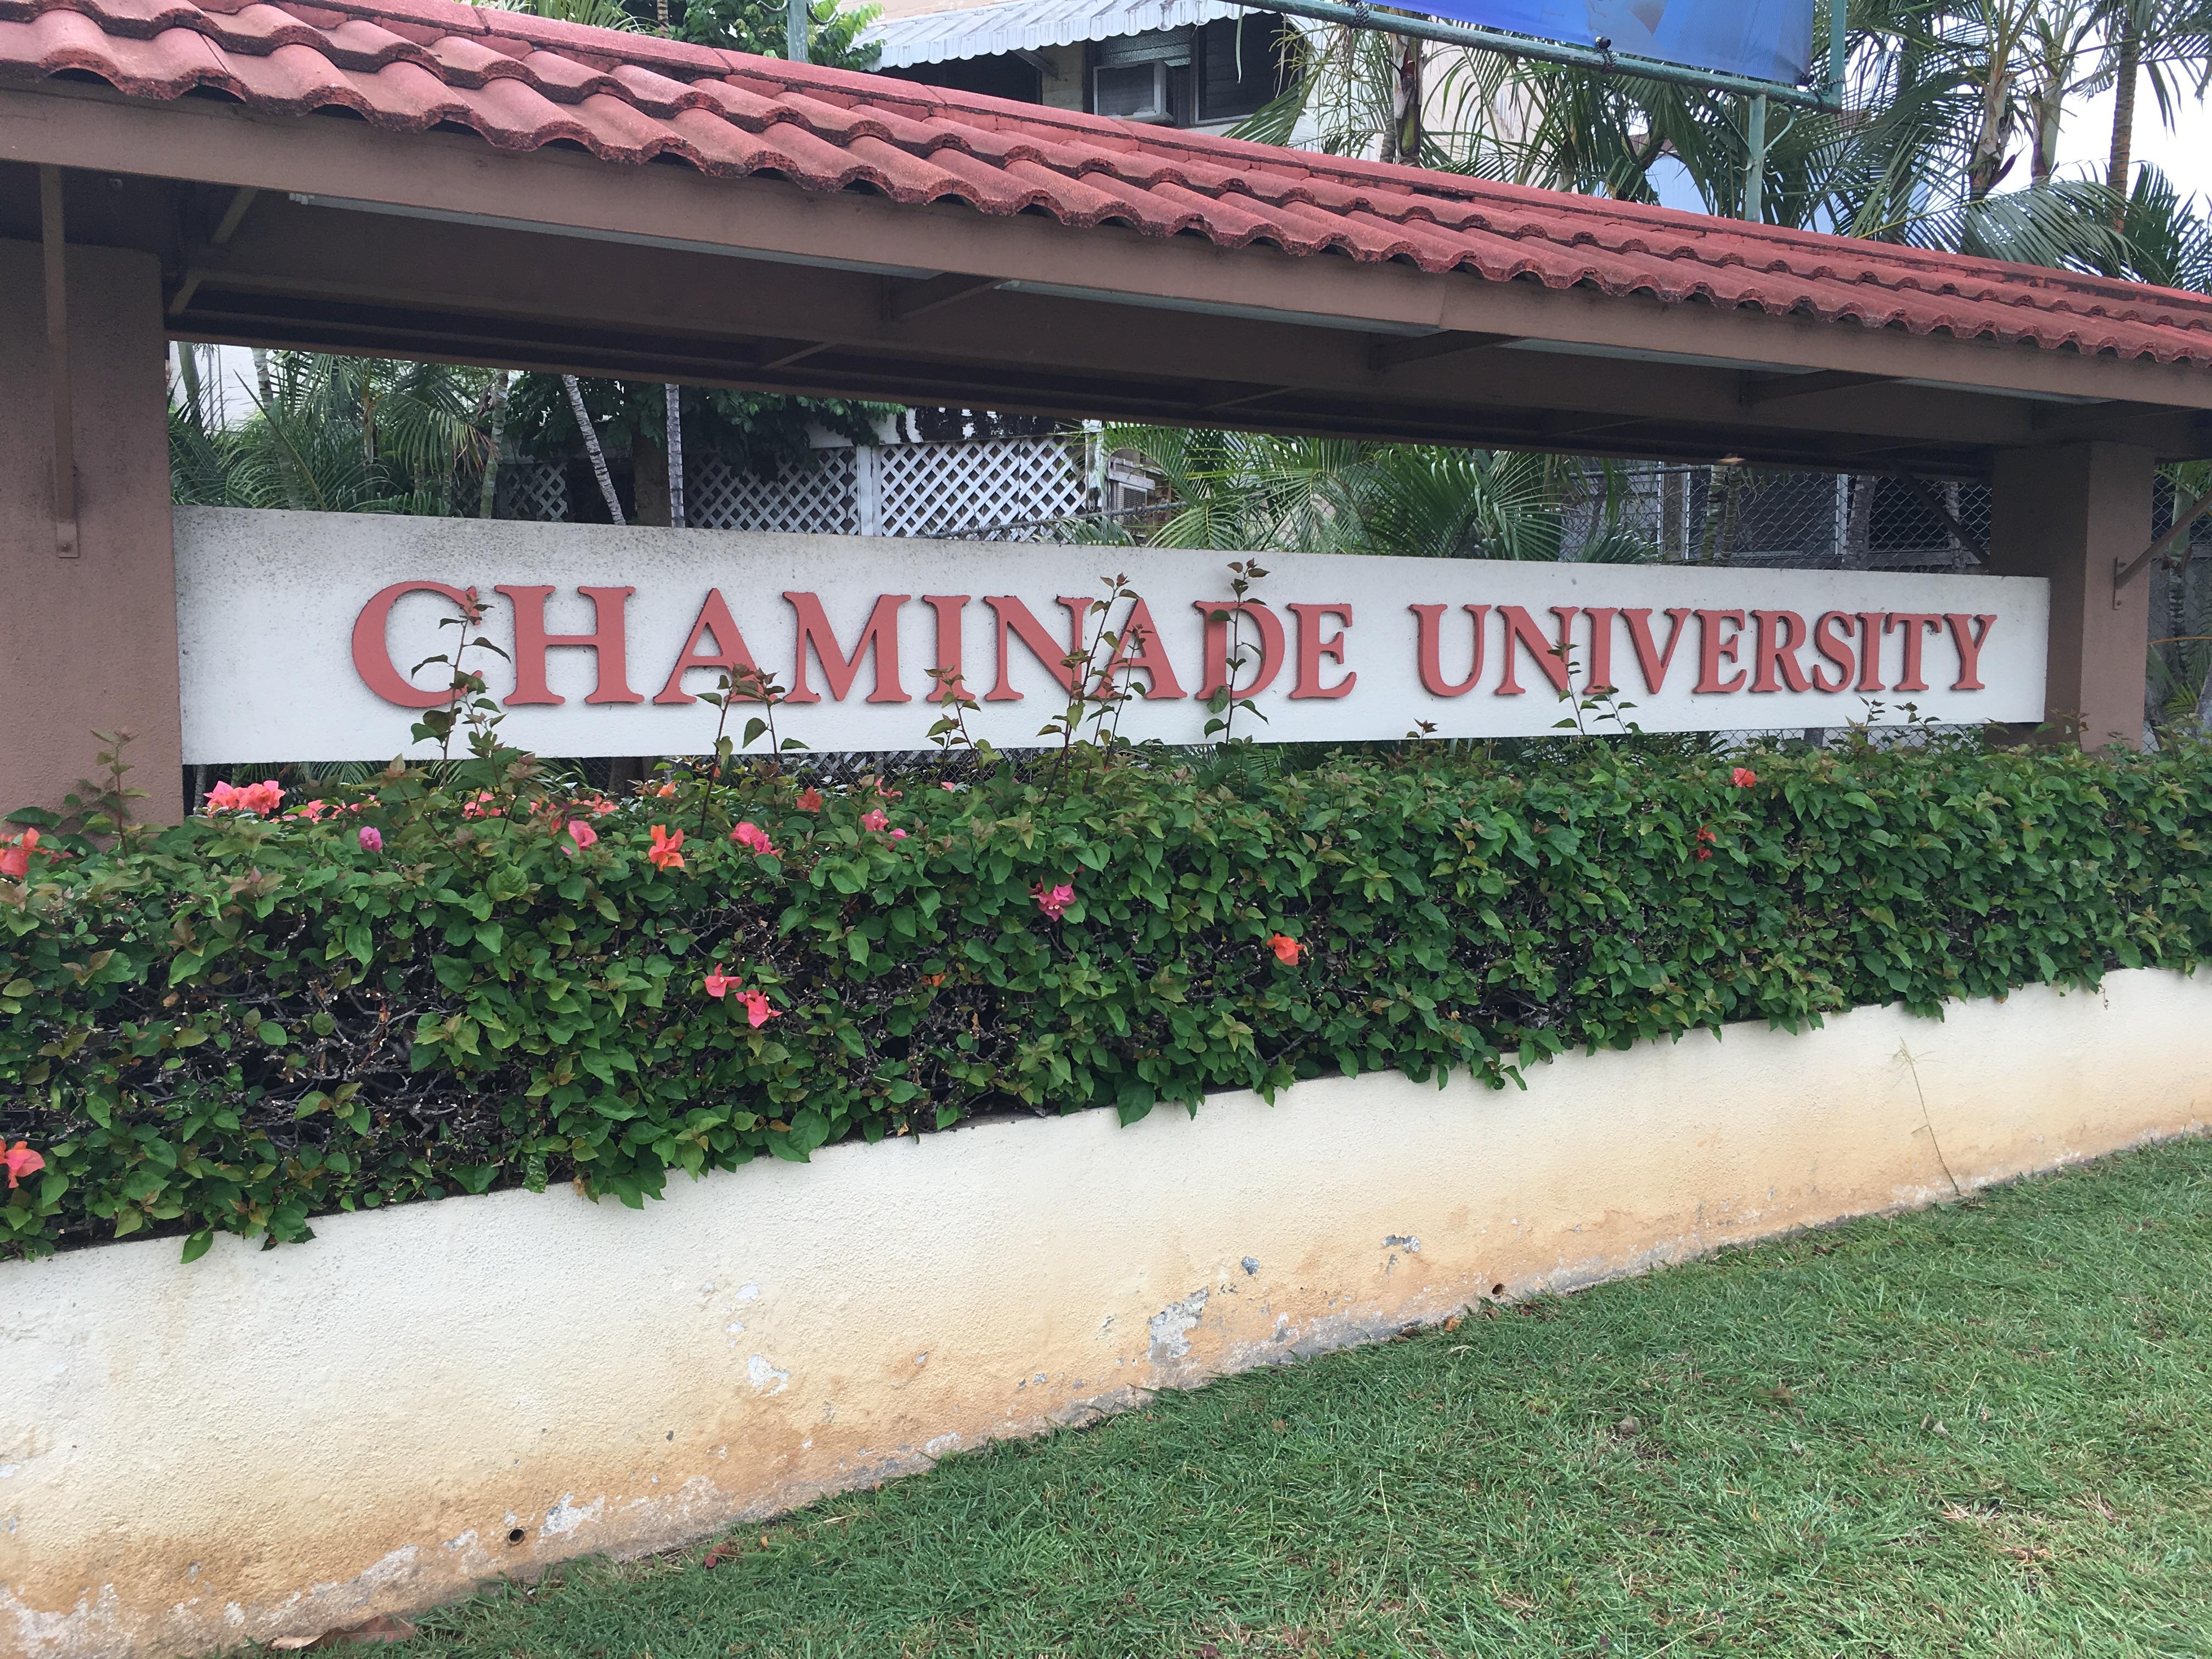 Chaminade University 1